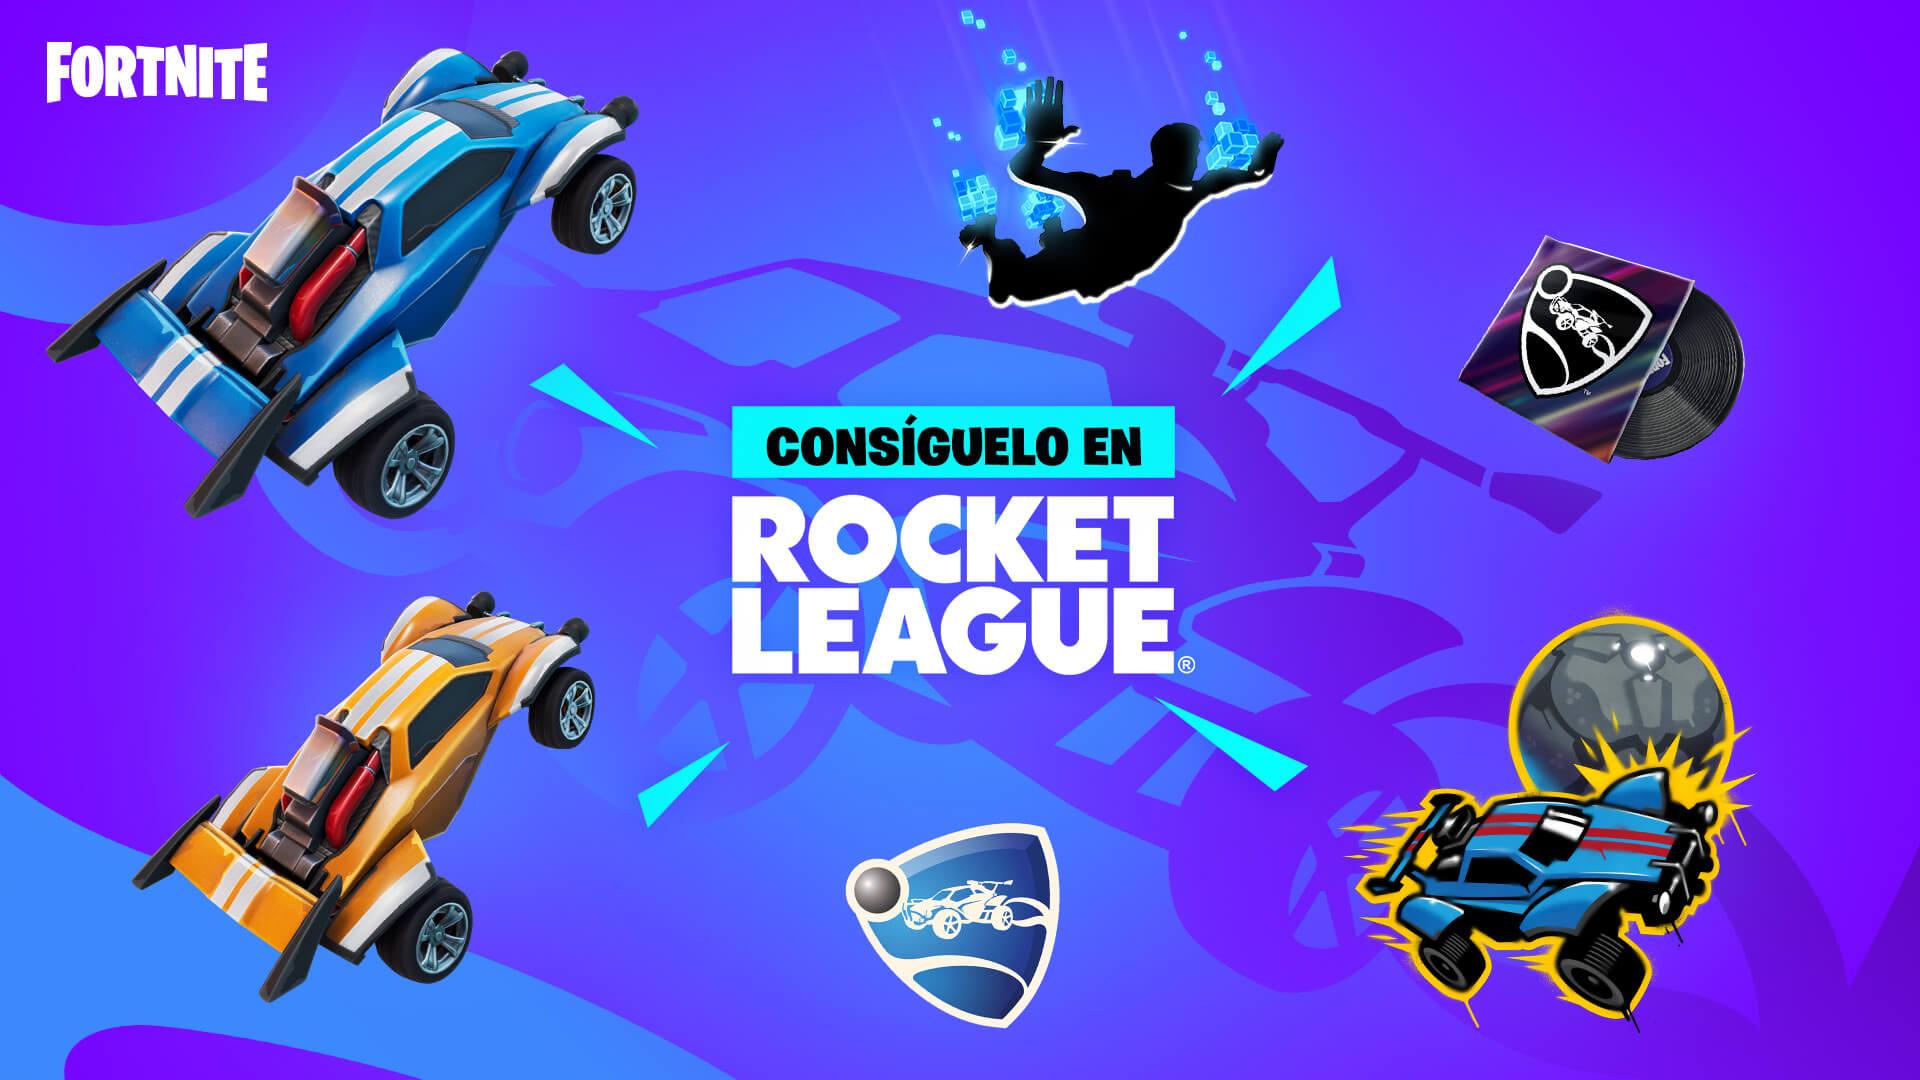 Recompensas Gratis Fortnite y Rocket League